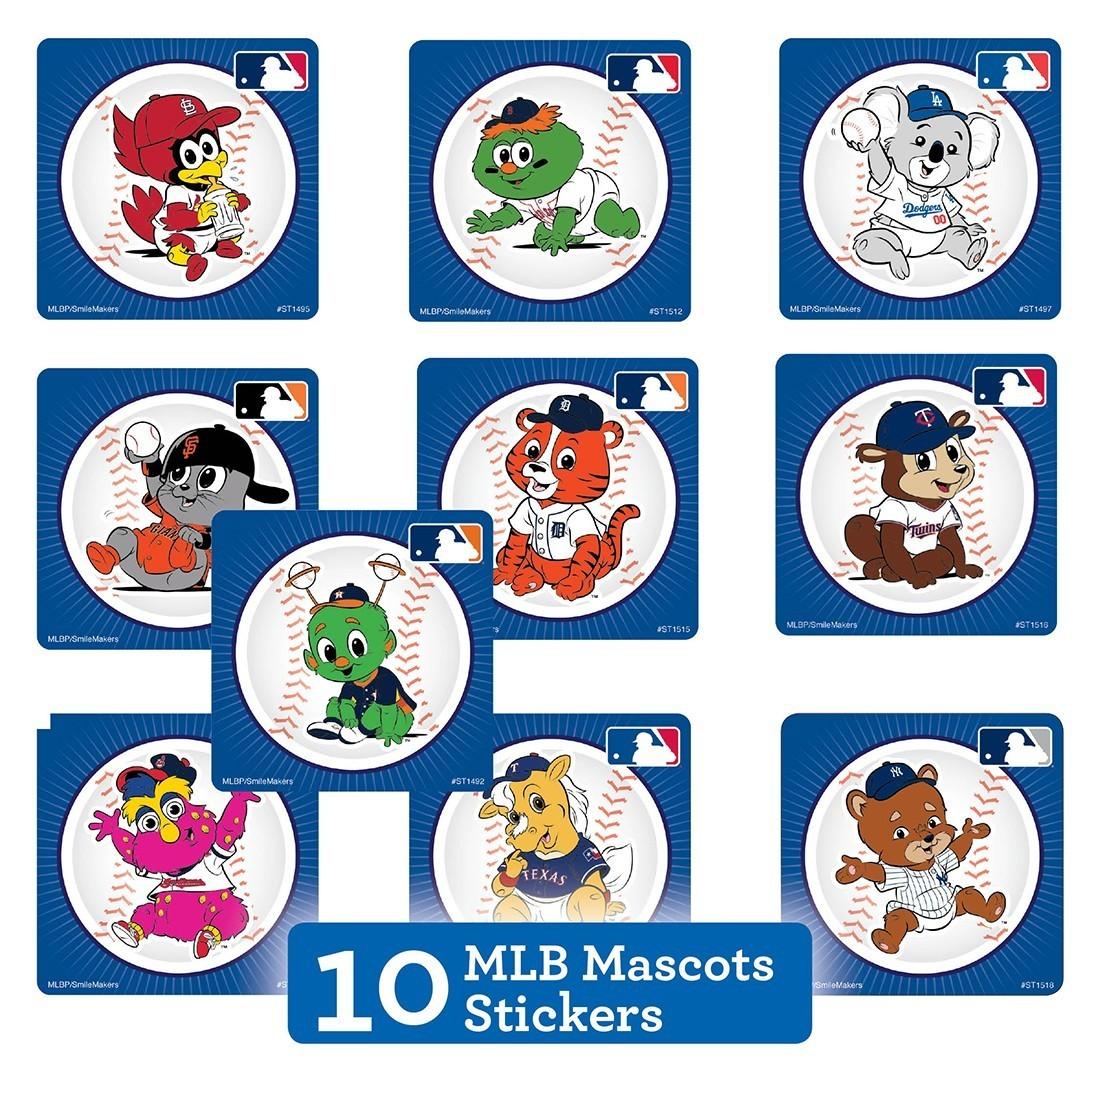 MLB Mascots Sticker Sampler   [image]